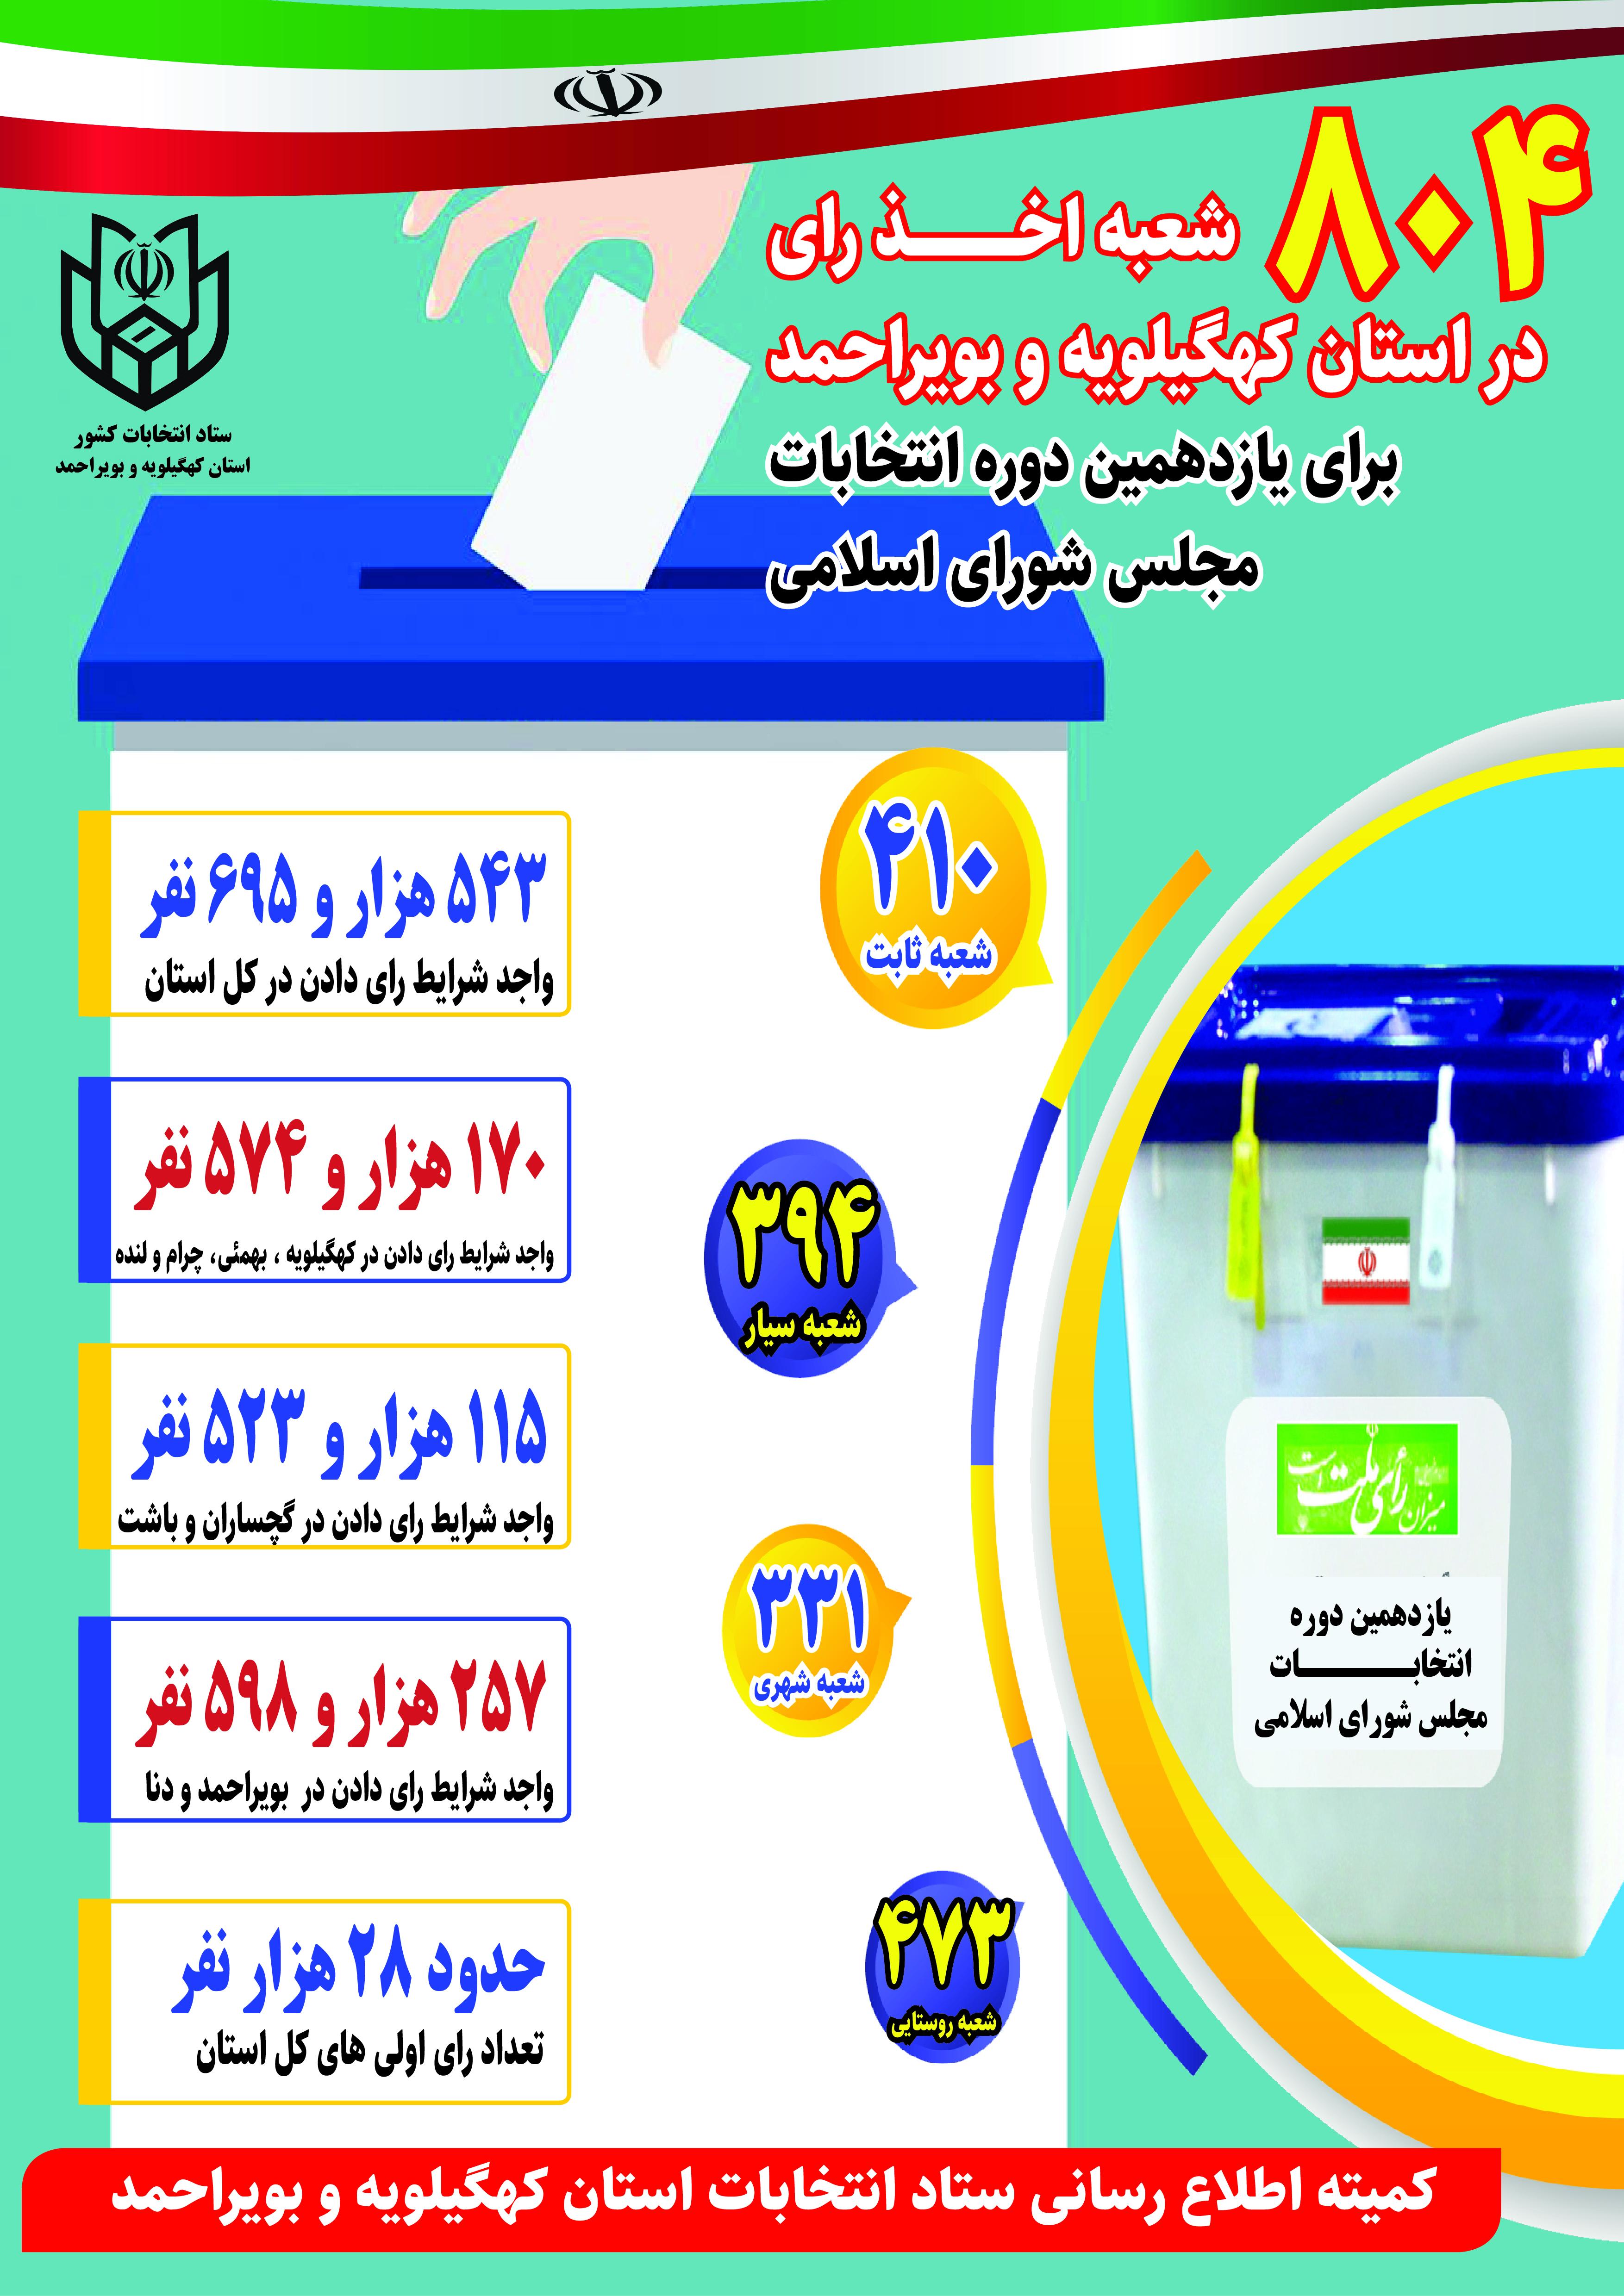 ۸۰۴ صندوق برای اخذ رای مردم استان+اینفوگرافی